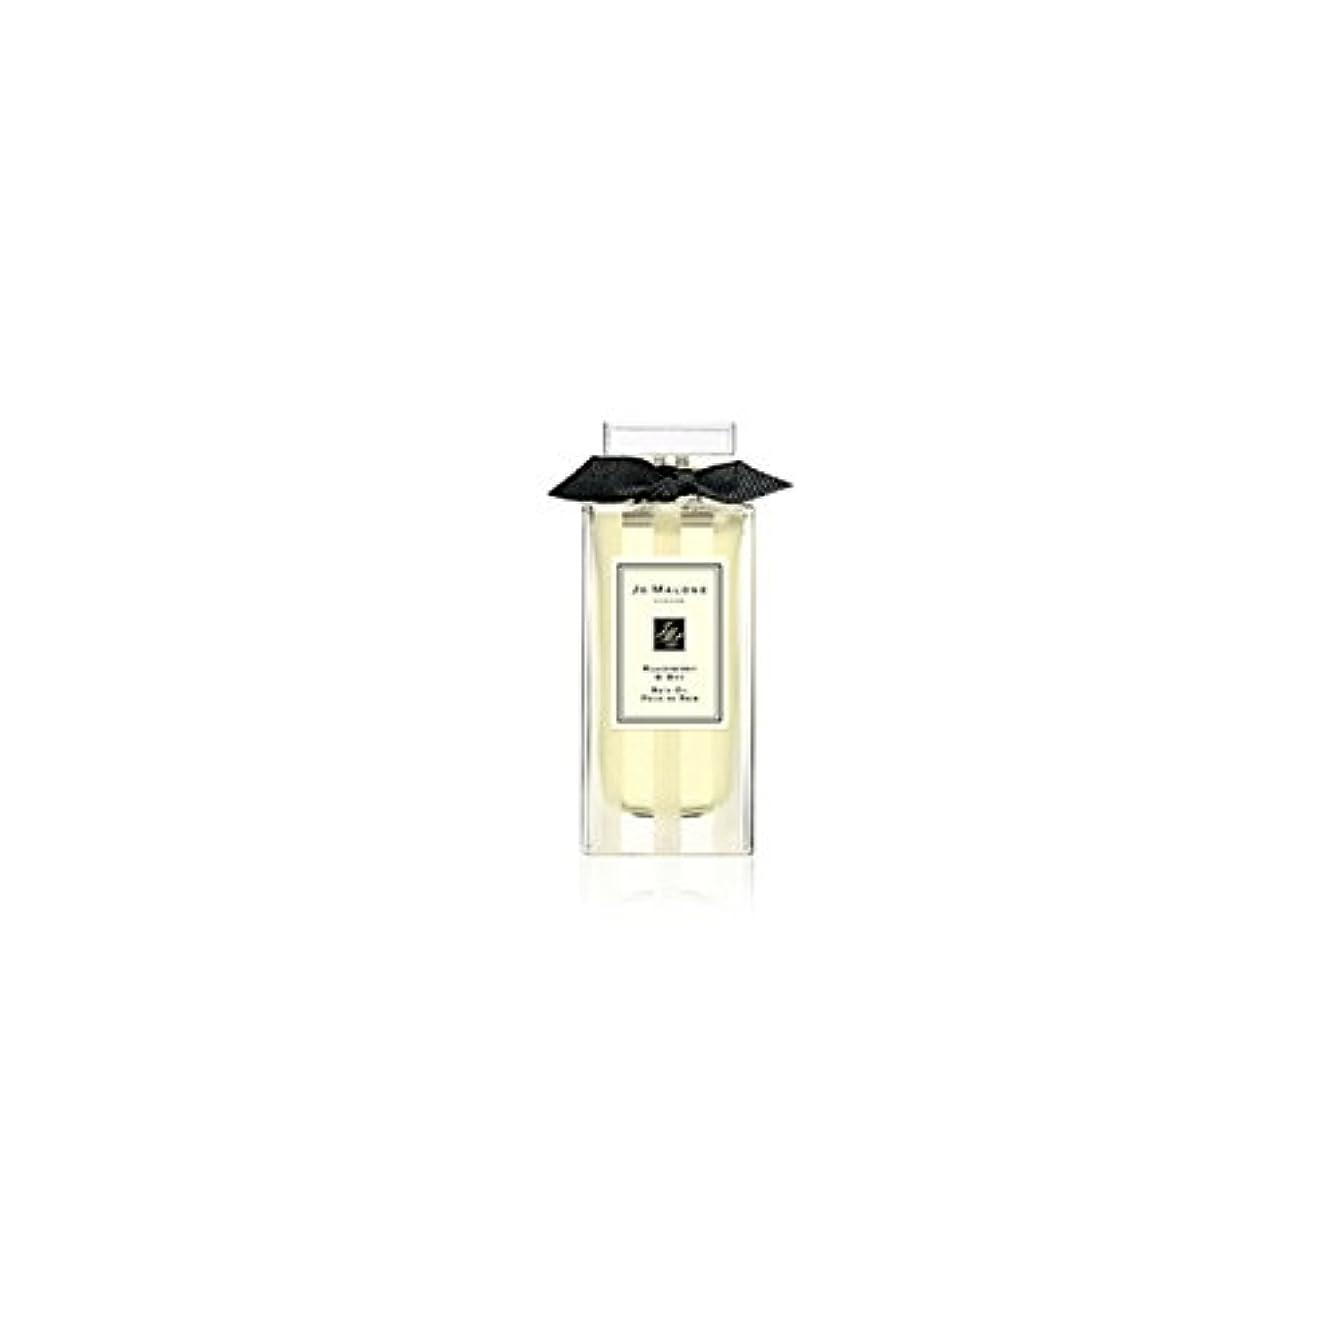 バンジージャンプ美しいボルトジョーマローンブラックベリー&ベイバスオイル - 30ミリリットル - Jo Malone Blackberry & Bay Bath Oil - 30ml (Jo Malone) [並行輸入品]